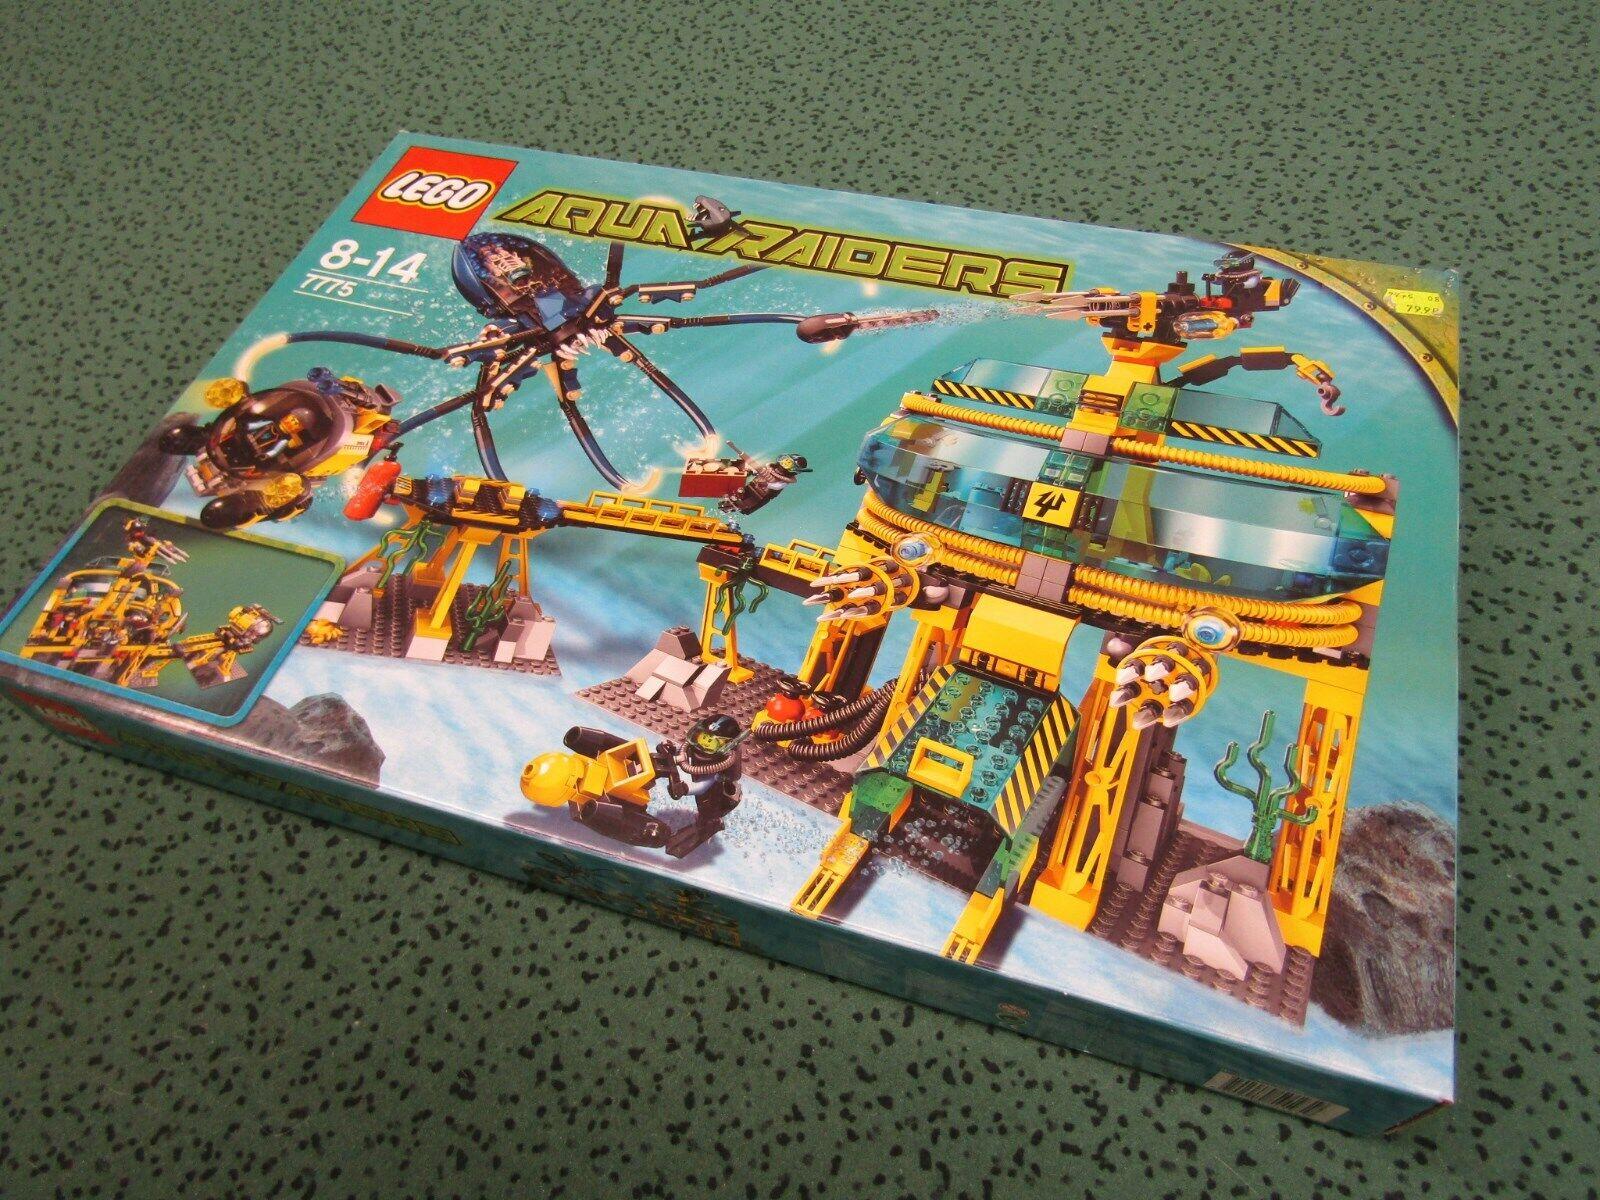 LEGO SYSTEM Aqua Aqua Aqua Raiders 7775 - Aquabase Invasion NEU u. OVP MISB bfdcc1